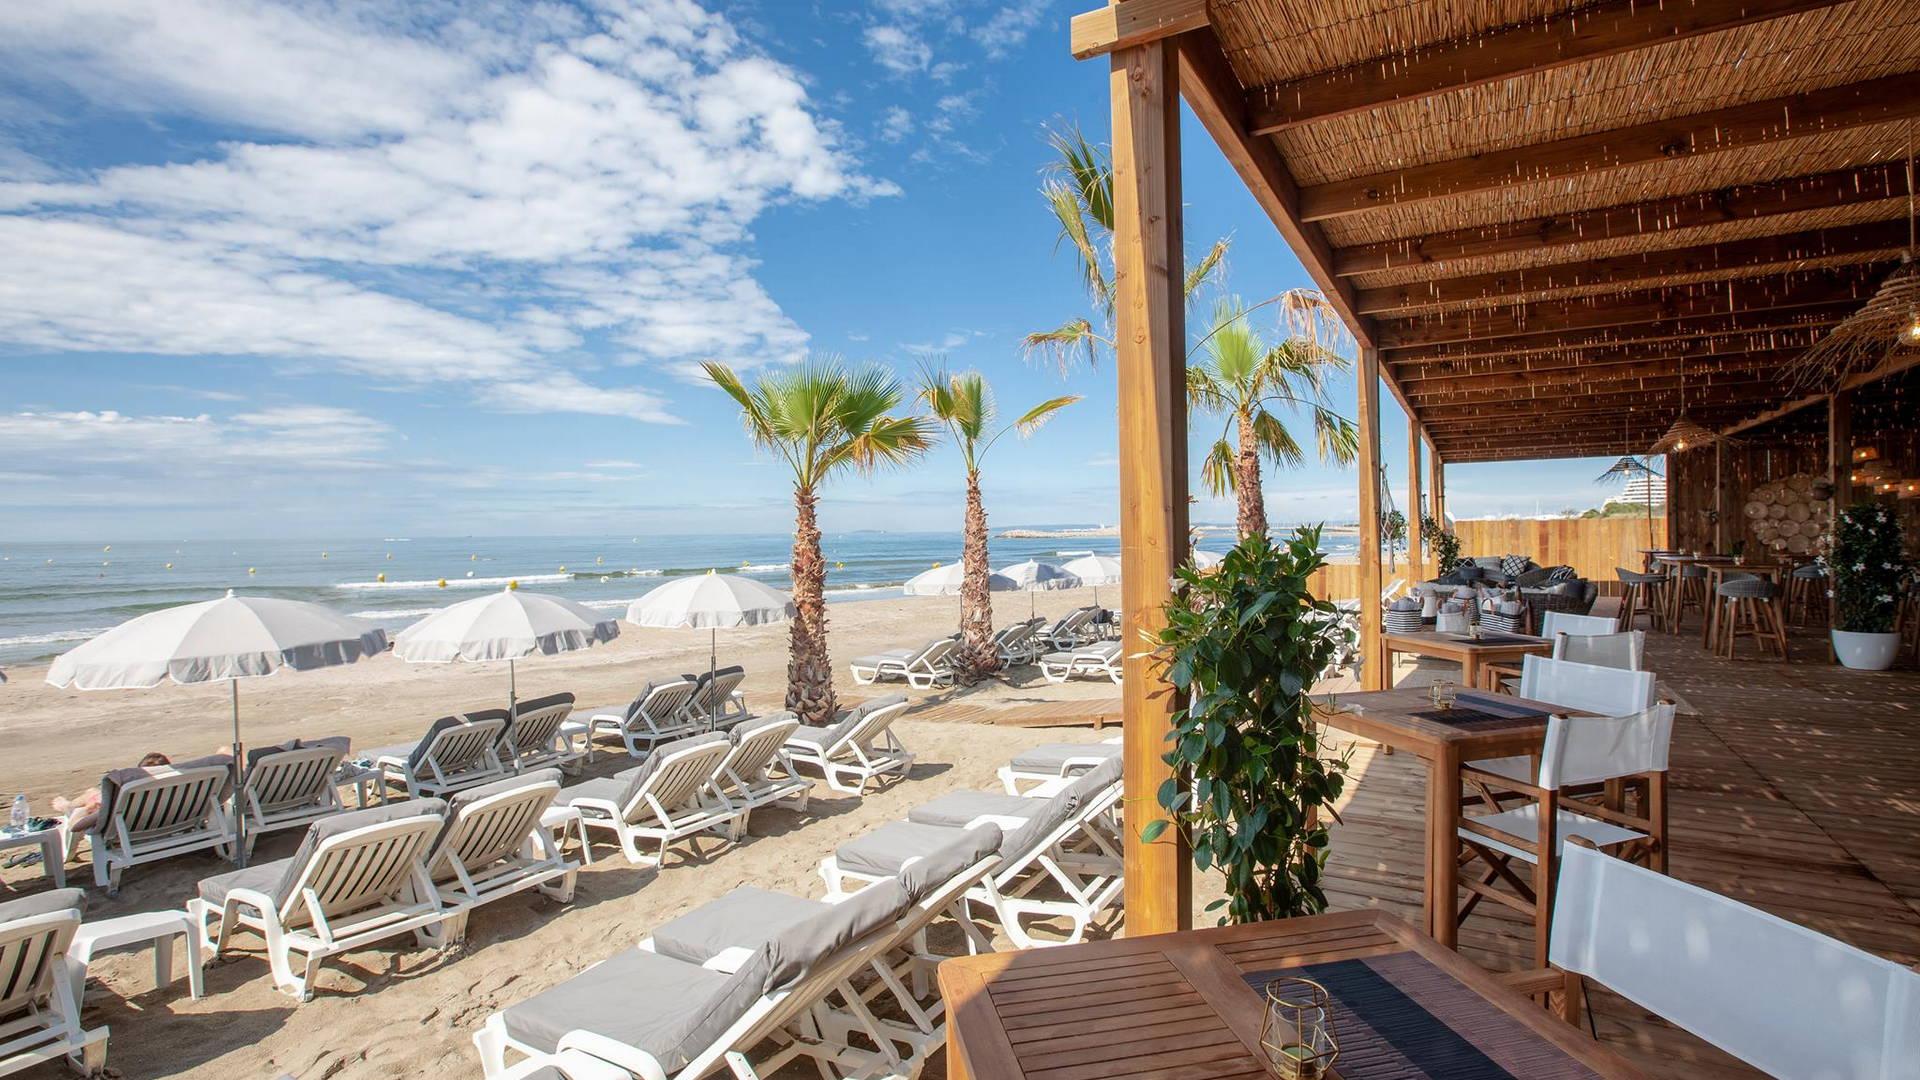 Véritable havre de paix avec des transats avec parasols face aux vagues, plage privée la grande motte, Hôtel La Plage.